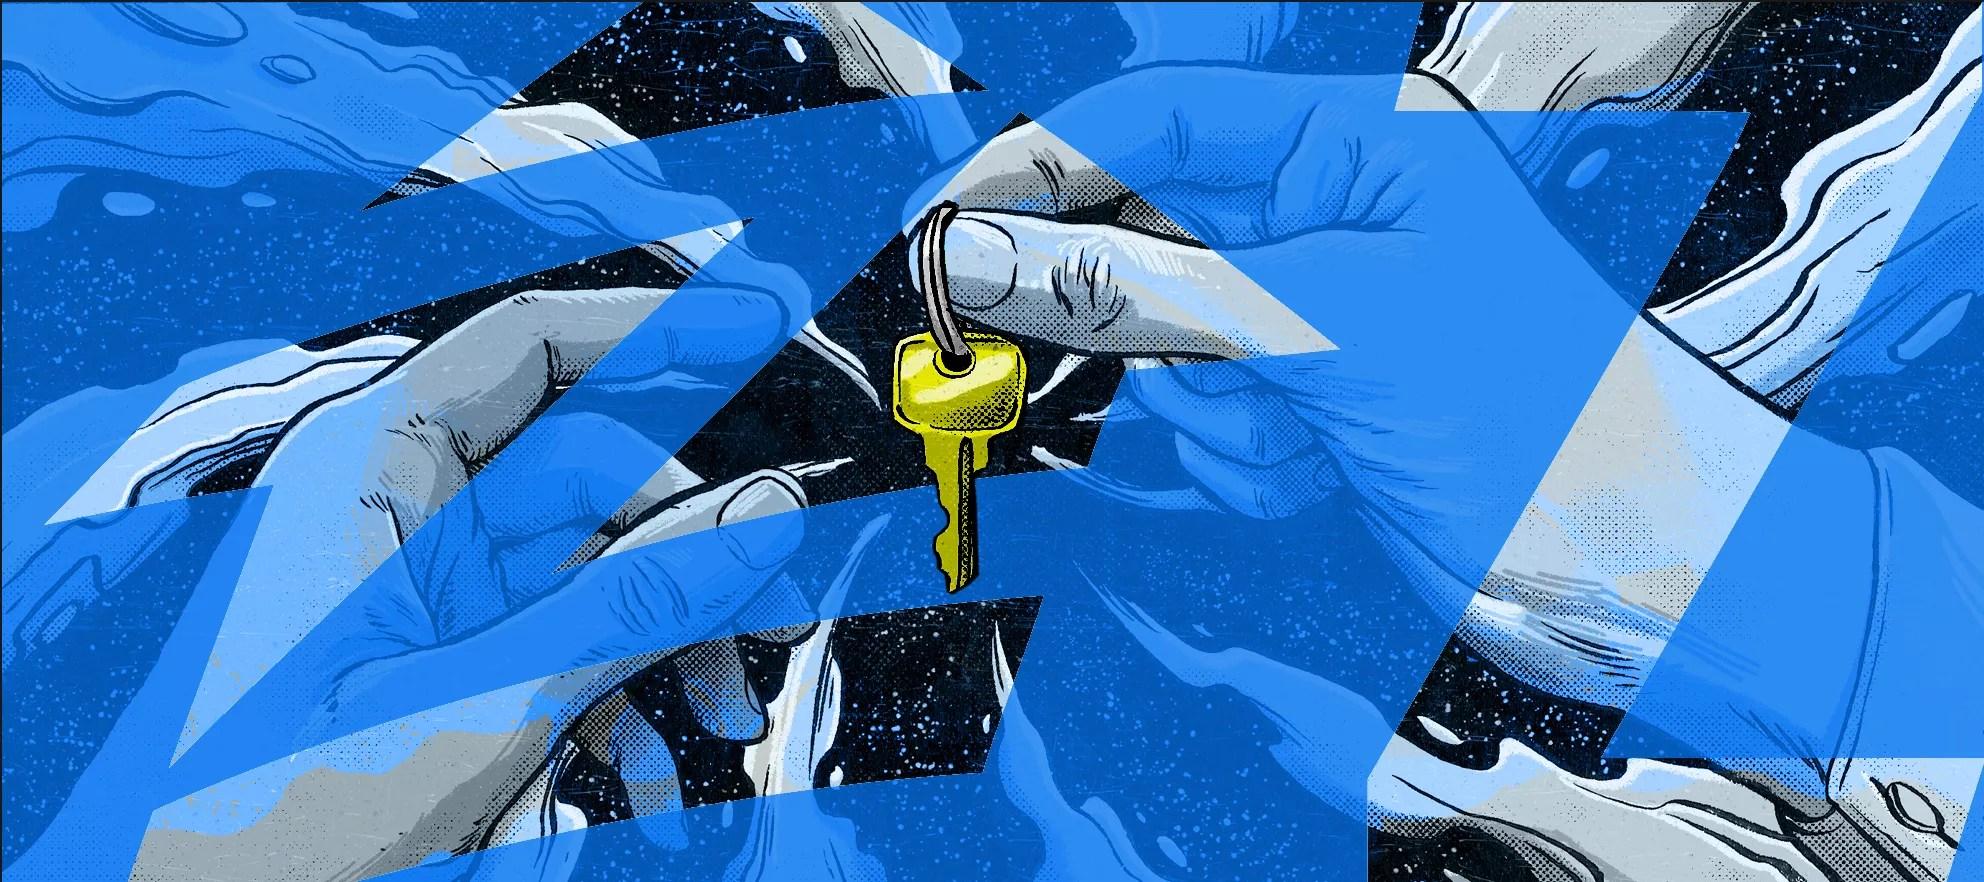 zillow-keys